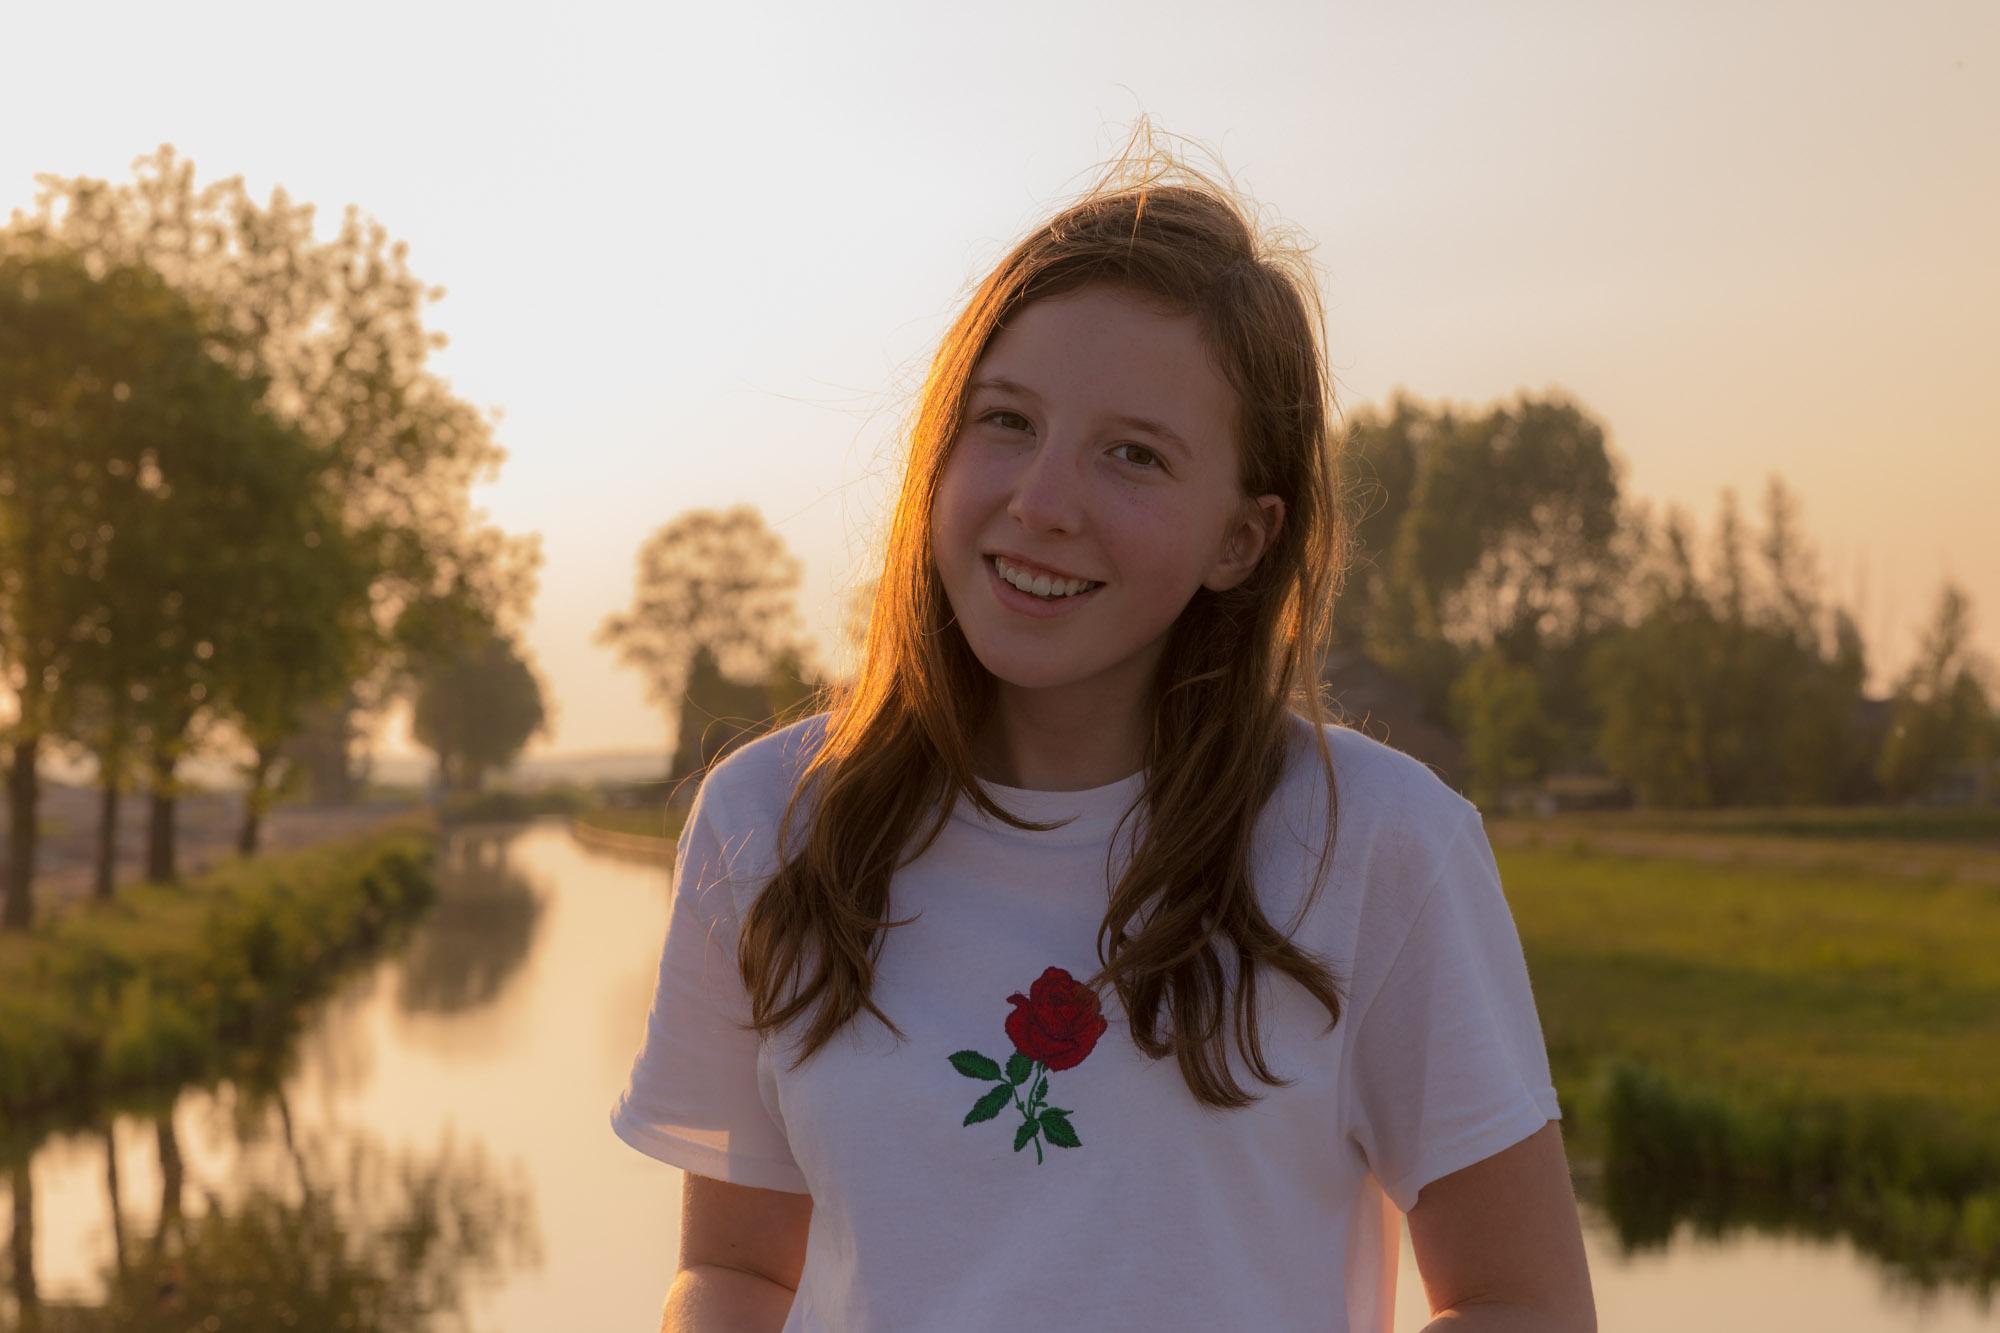 portret van meisje met lang haar in goud zonlicht in landelijke omgeving door mayrafotografie